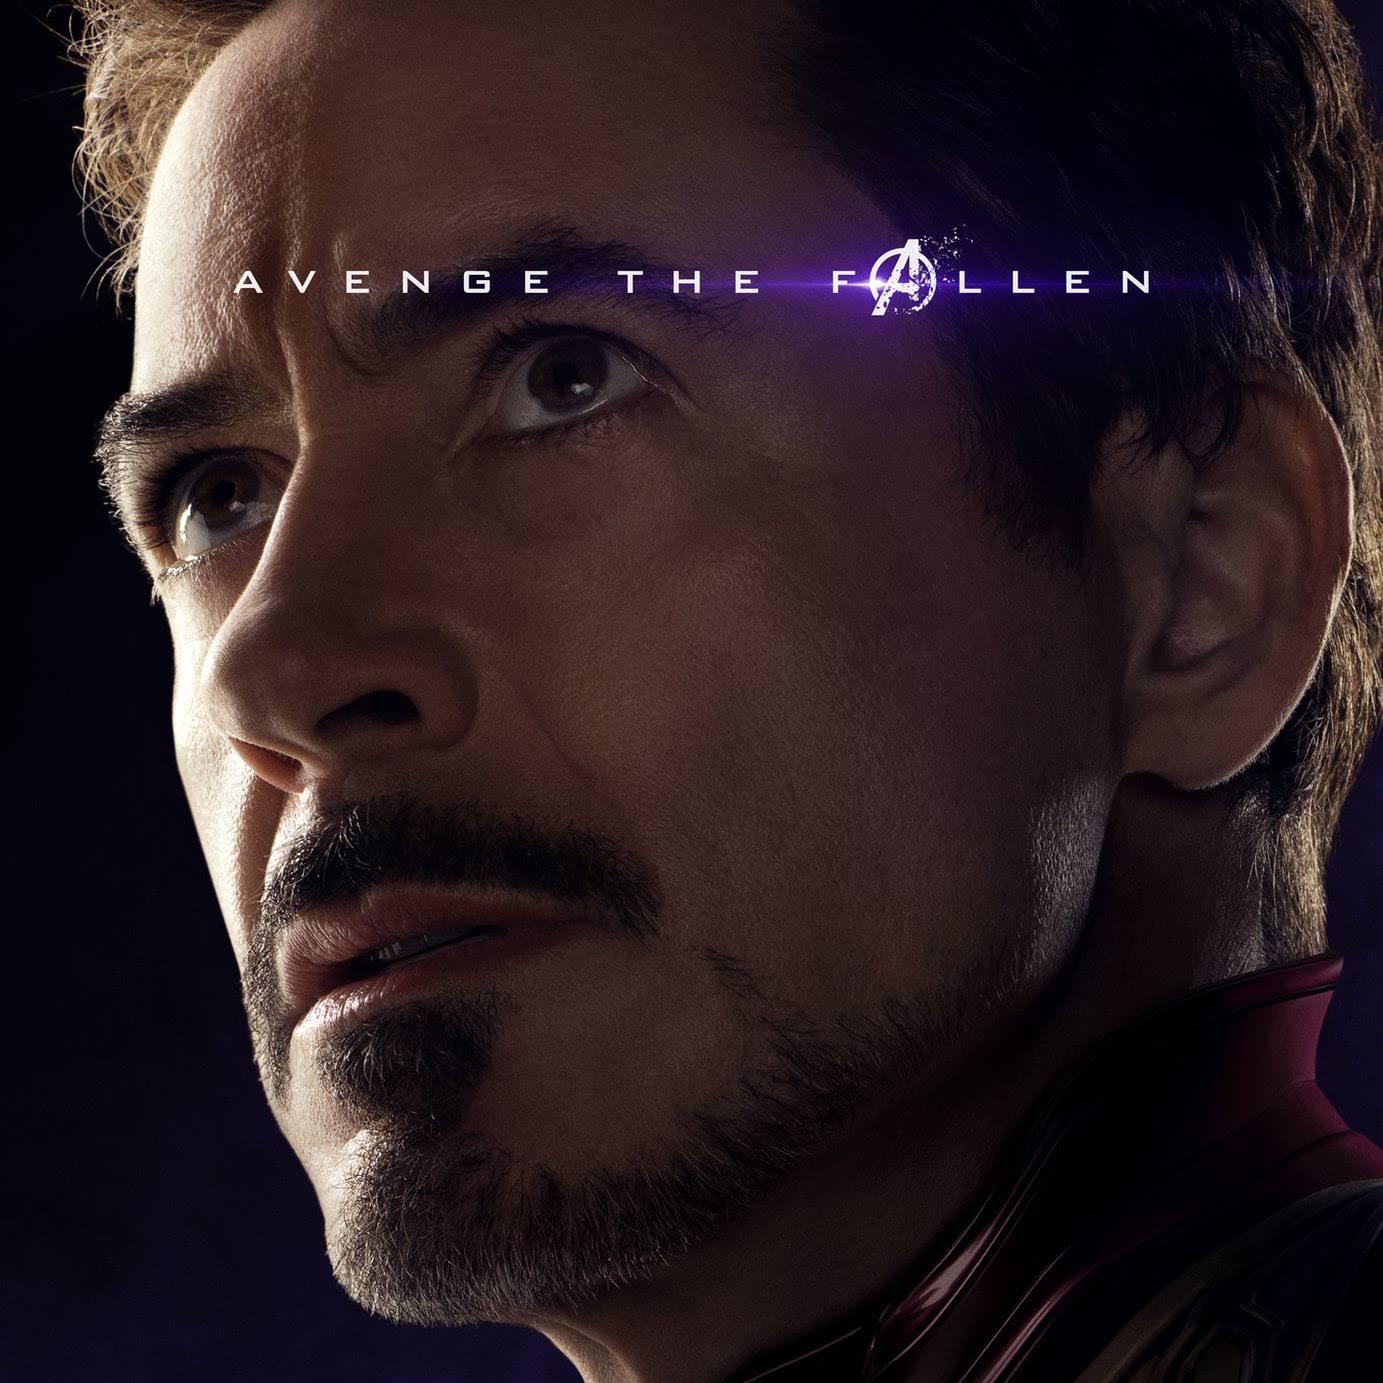 Avengers Endgame : マーベルのヒーロー大集合映画「アベンジャーズ」のクライマックス「エンドゲーム」が、「インフィニティ・ウォー」での完敗と、その挫折から立ち直る希望を語ったプロモ・ビデオと計21点の写真をリリース ! !